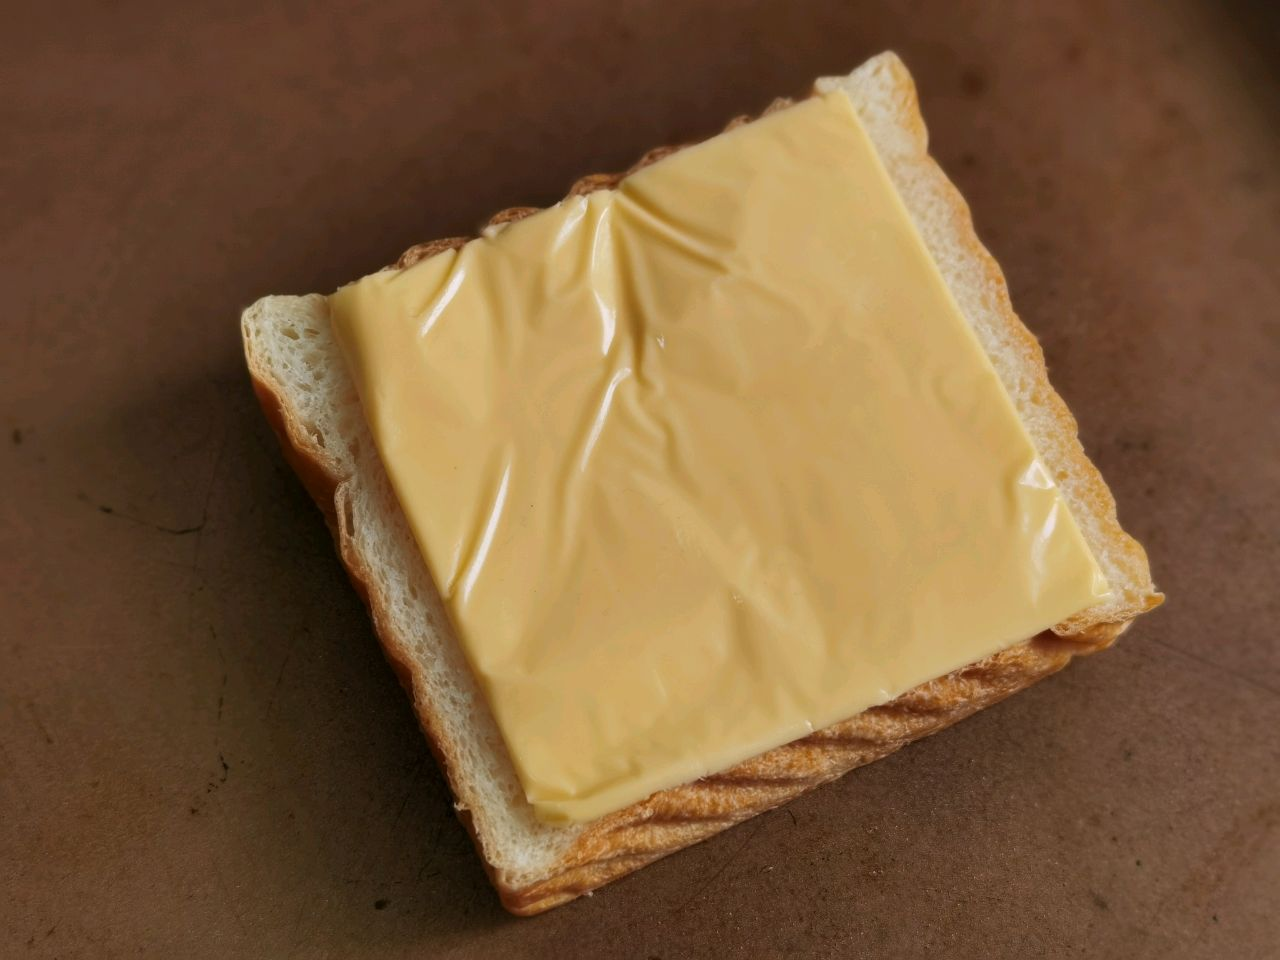 Chỉ mất 10 phút để làm món bánh mì ăn sáng ngon thế này thì chắc chắn chúng ta không cần ra ngoài ăn sáng nữa rồi! - Ảnh 2.